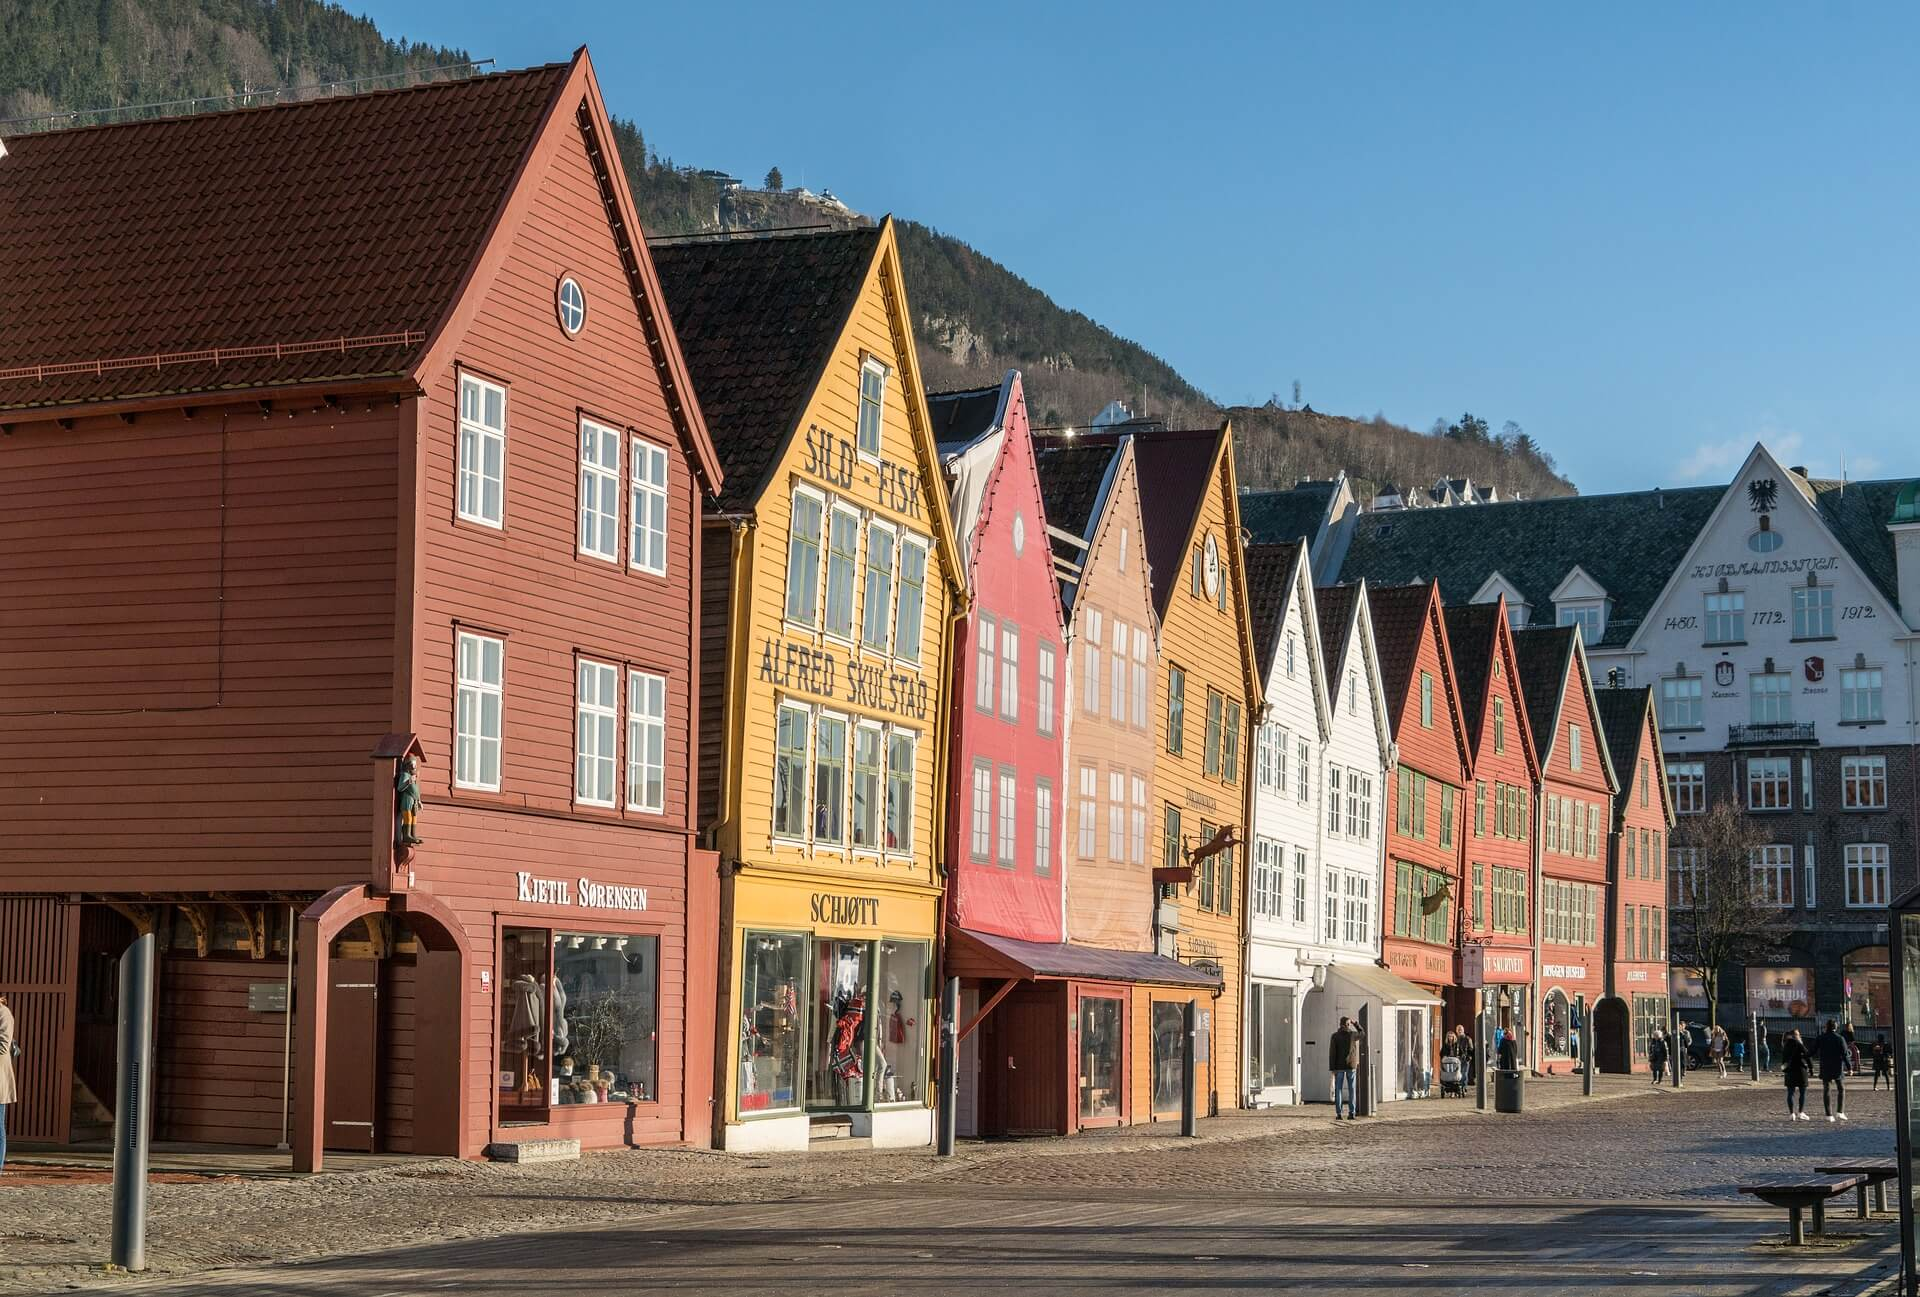 Direktflüge und Billigflüge ab Berlin-Schönefeld nach Bergen